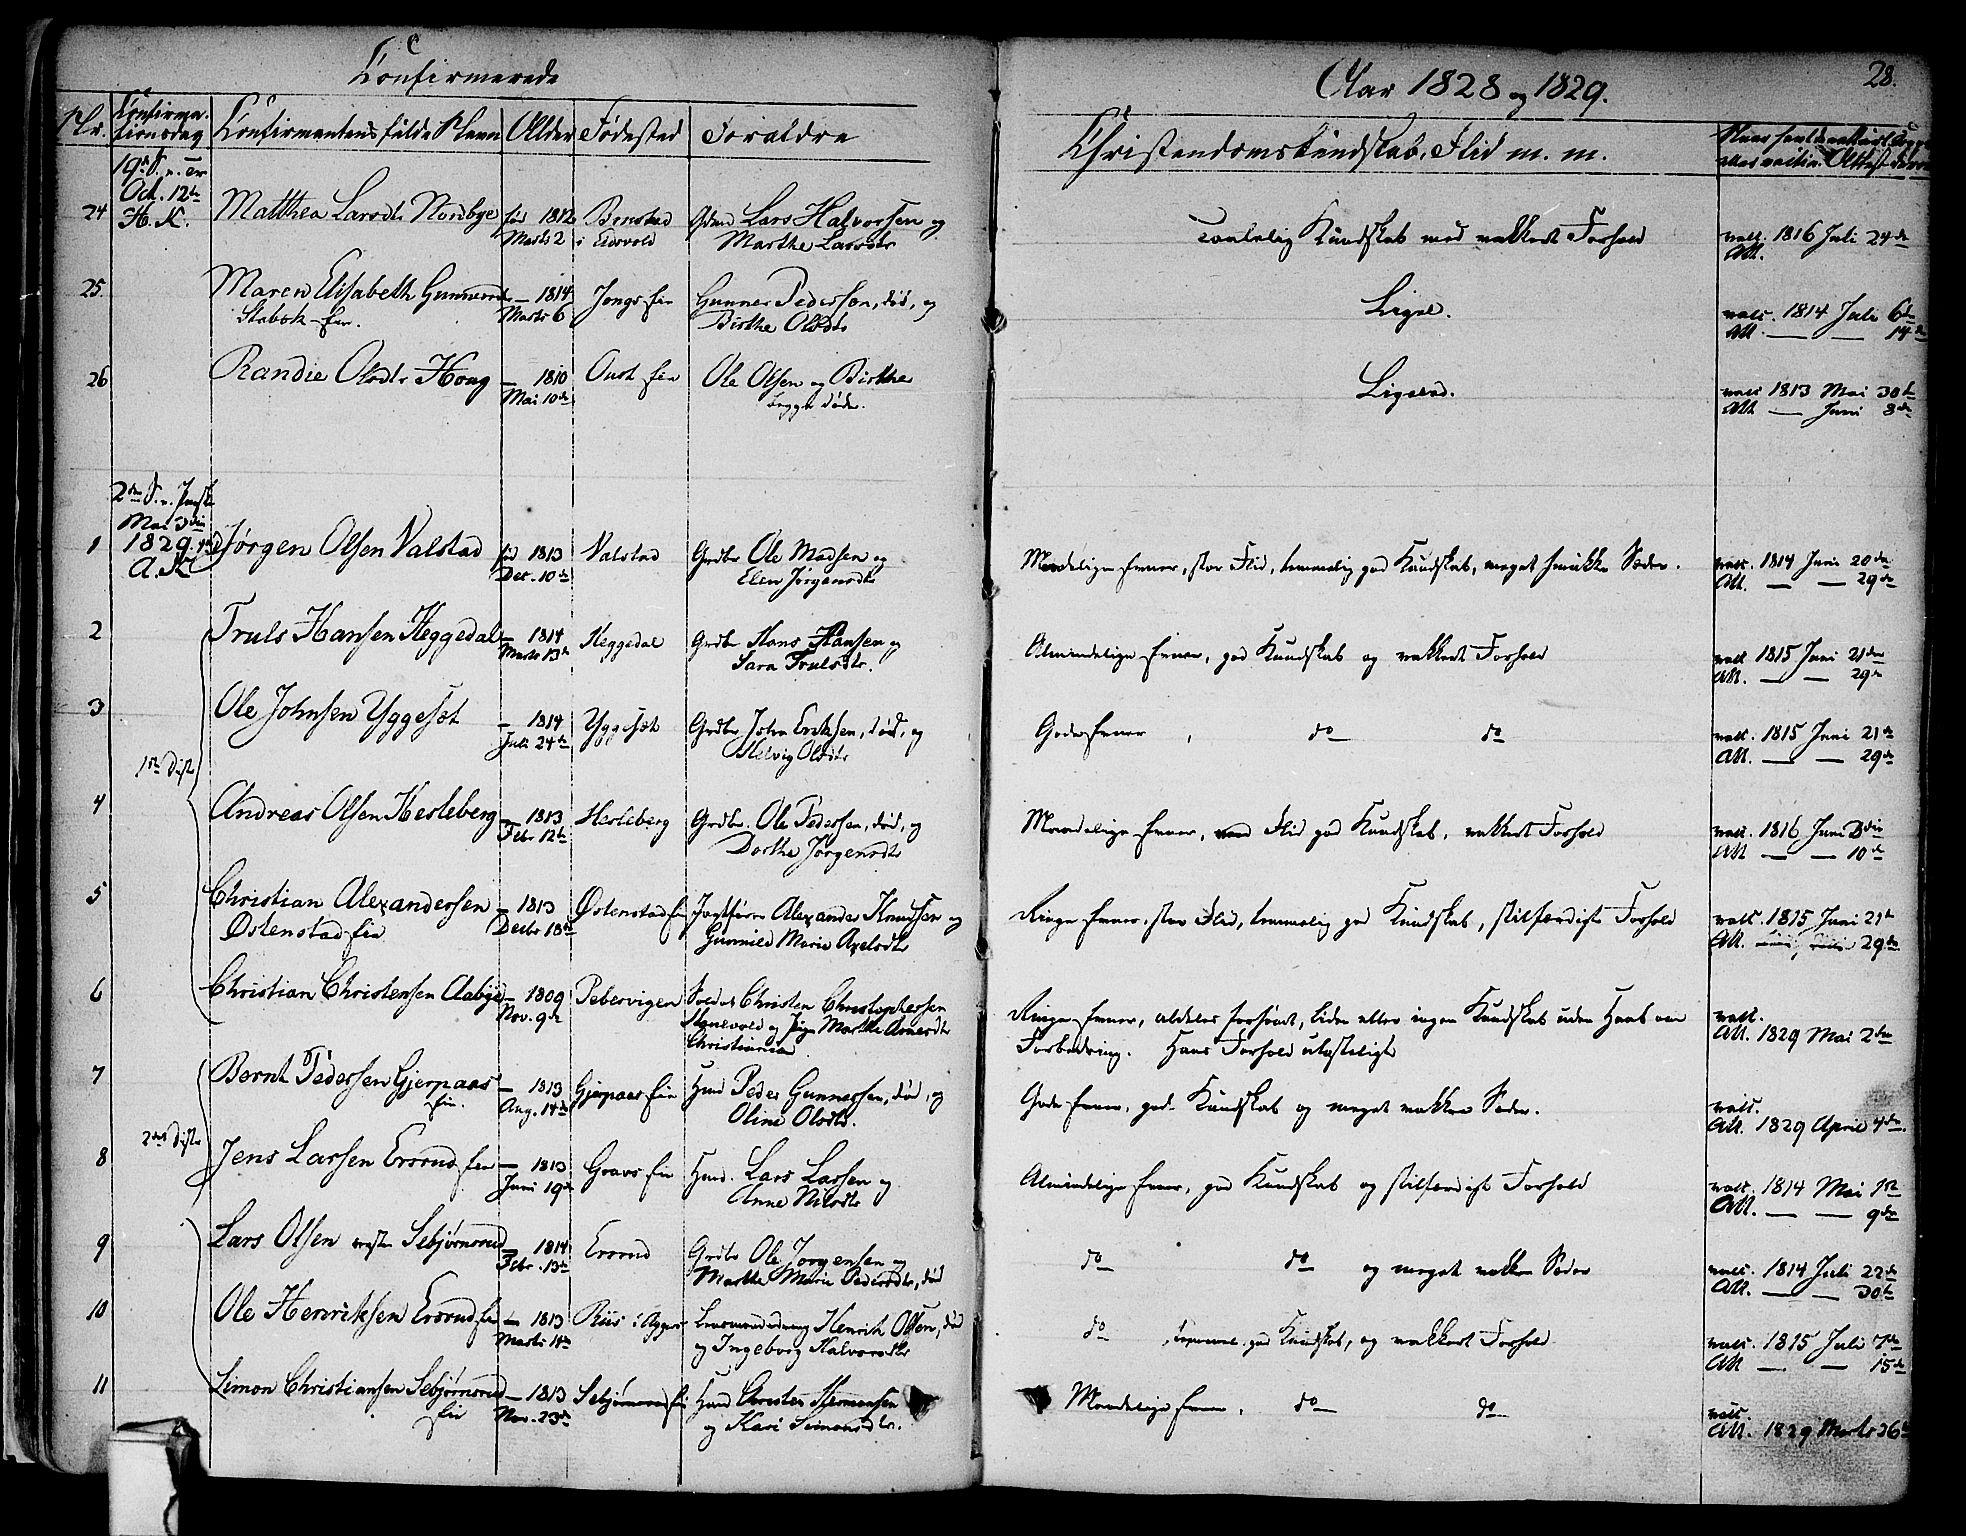 SAO, Asker prestekontor Kirkebøker, F/Fa/L0009: Ministerialbok nr. I 9, 1825-1878, s. 28